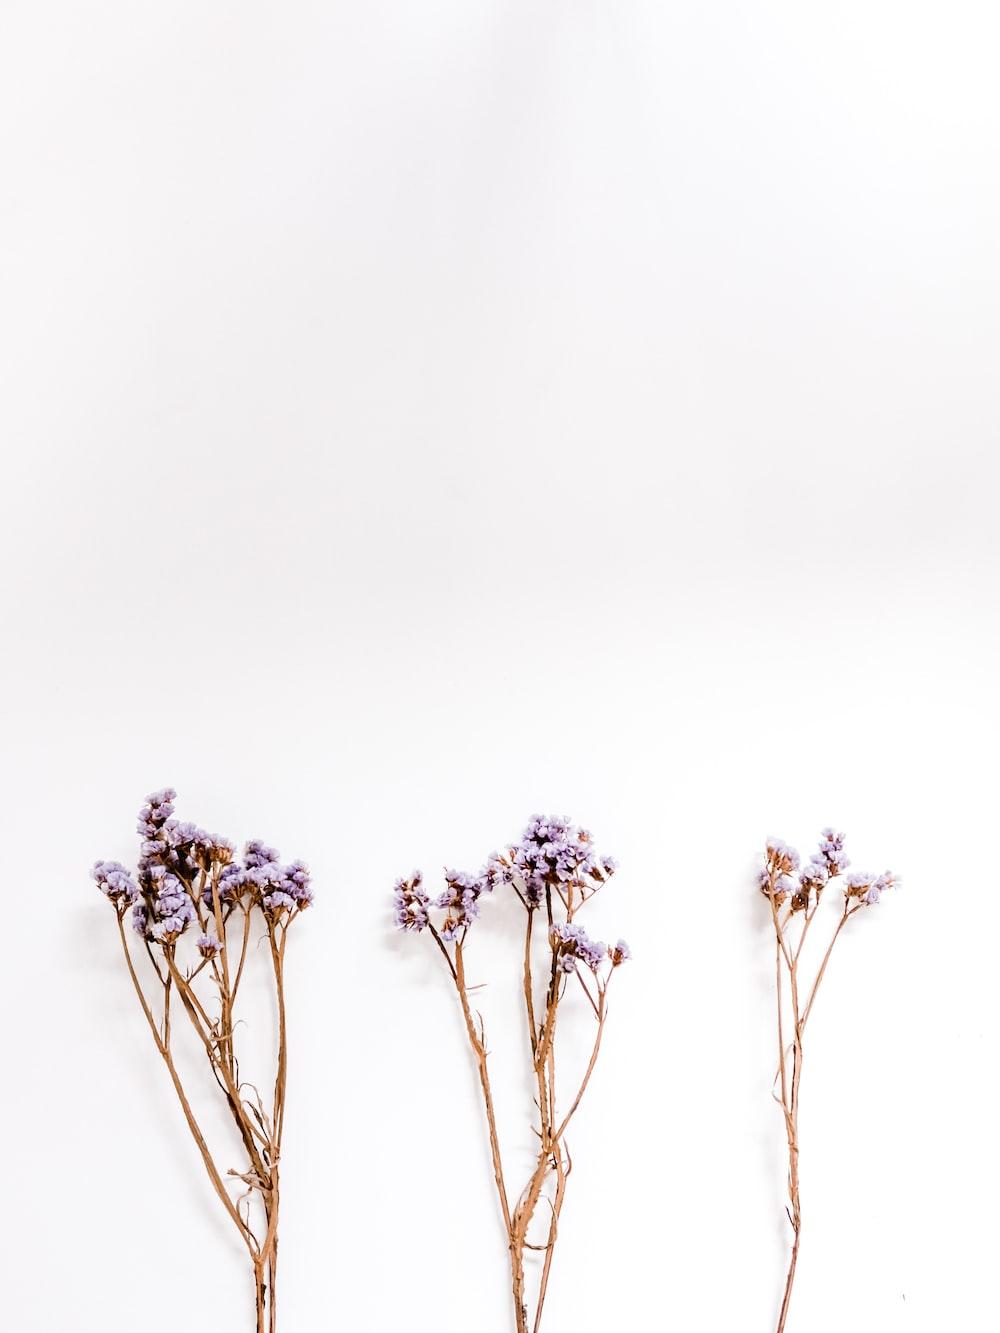 three purple-petaled flowers on white surface